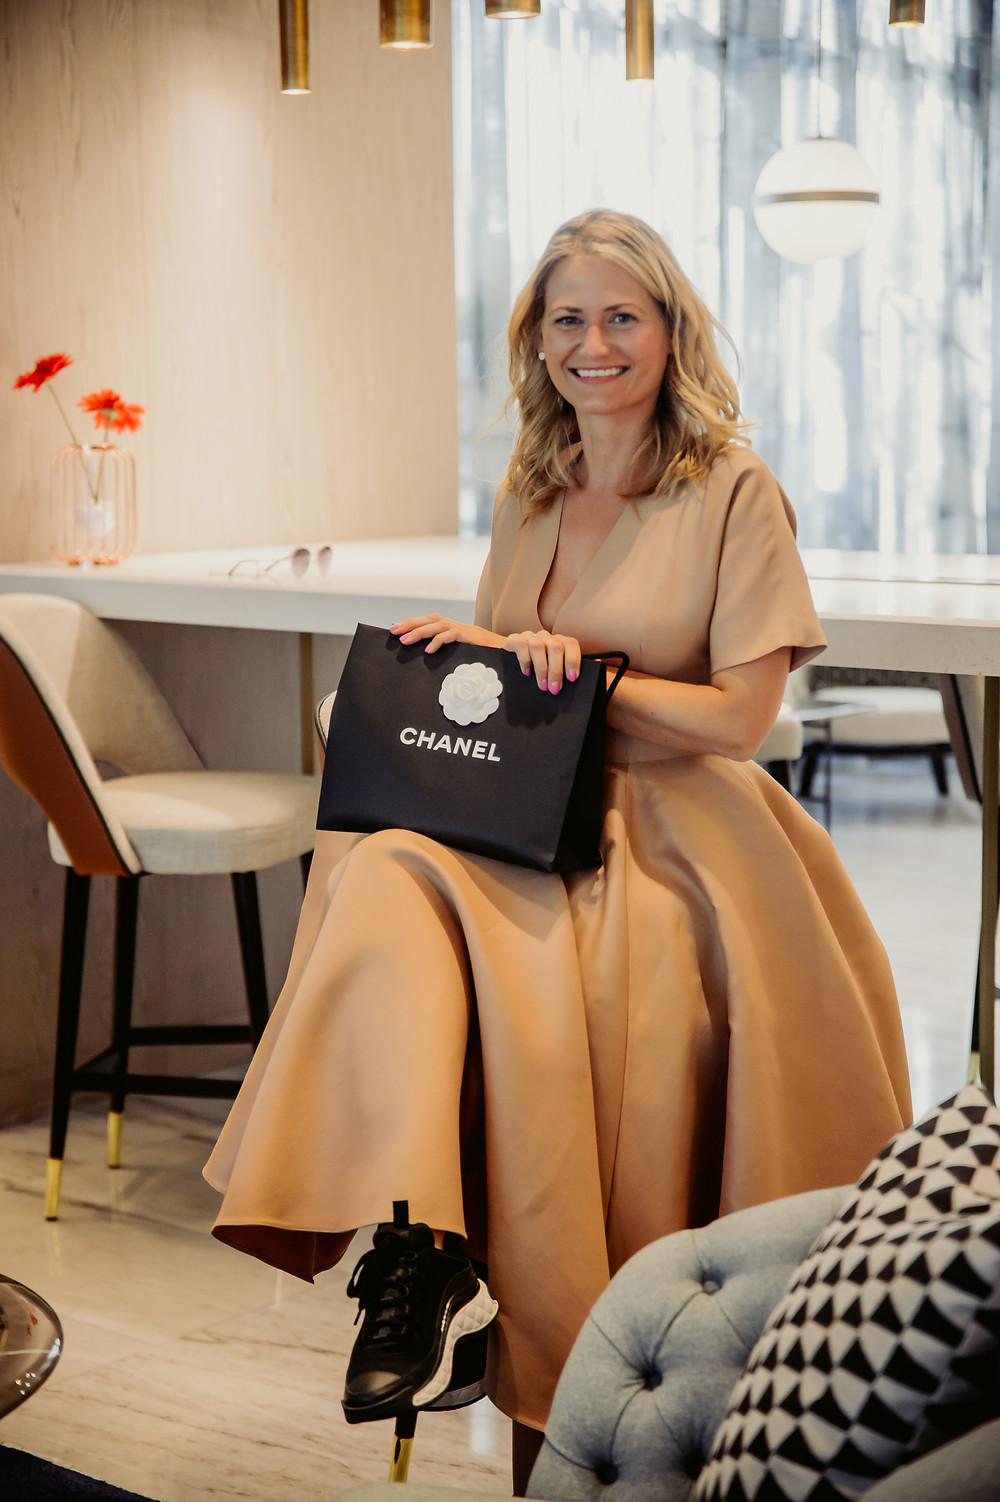 Die Wahrheit über Geld: Jeanine sitzt entspannt mit Chaneltasche